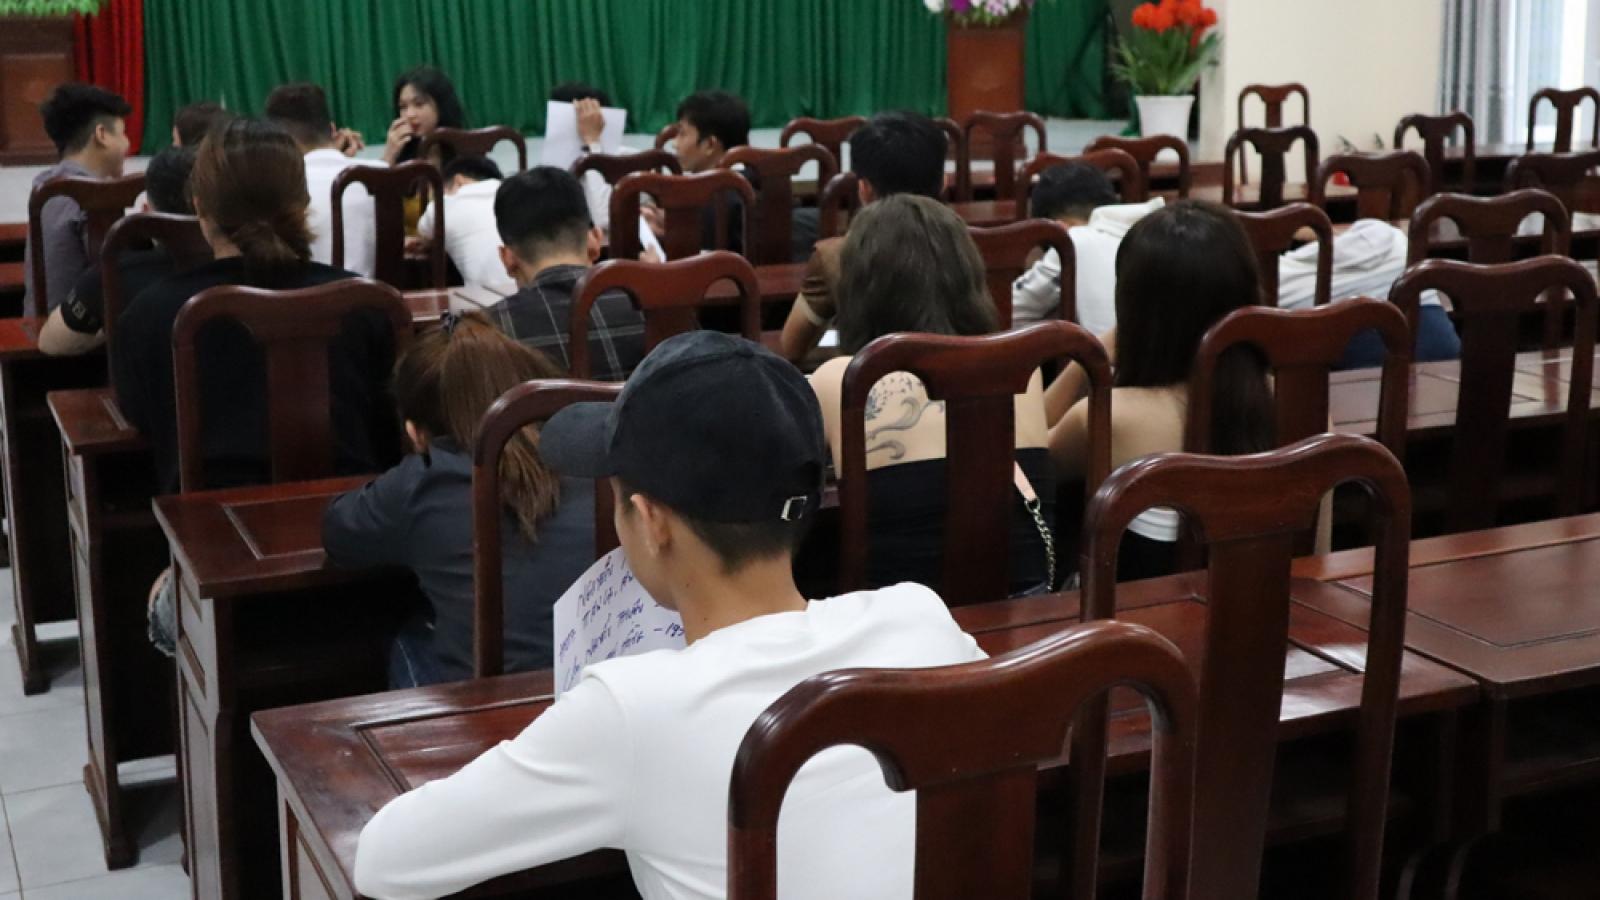 Hàng chục thanh niên dương tính với ma túy tại 2 quán bar ở Bình Phước